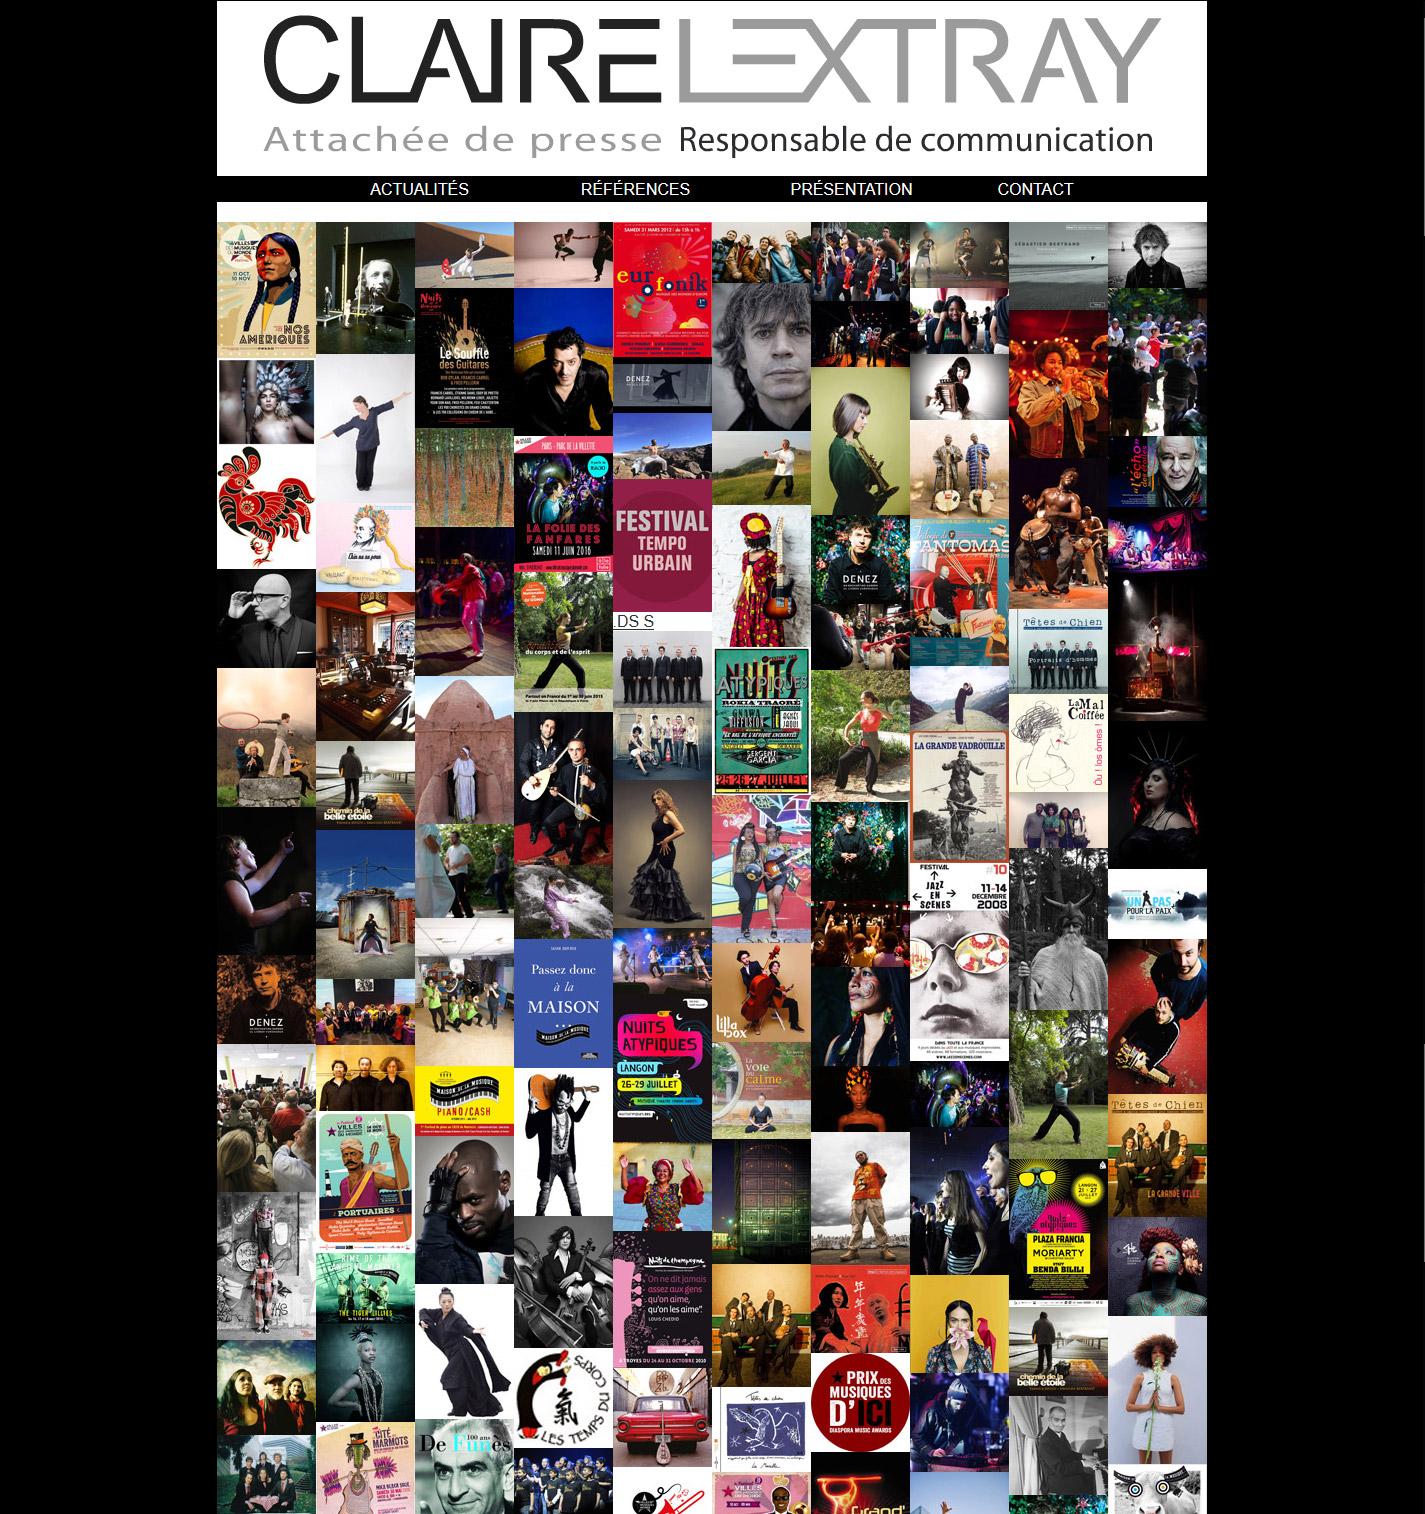 Site de Claire Lextray, attachée de presse